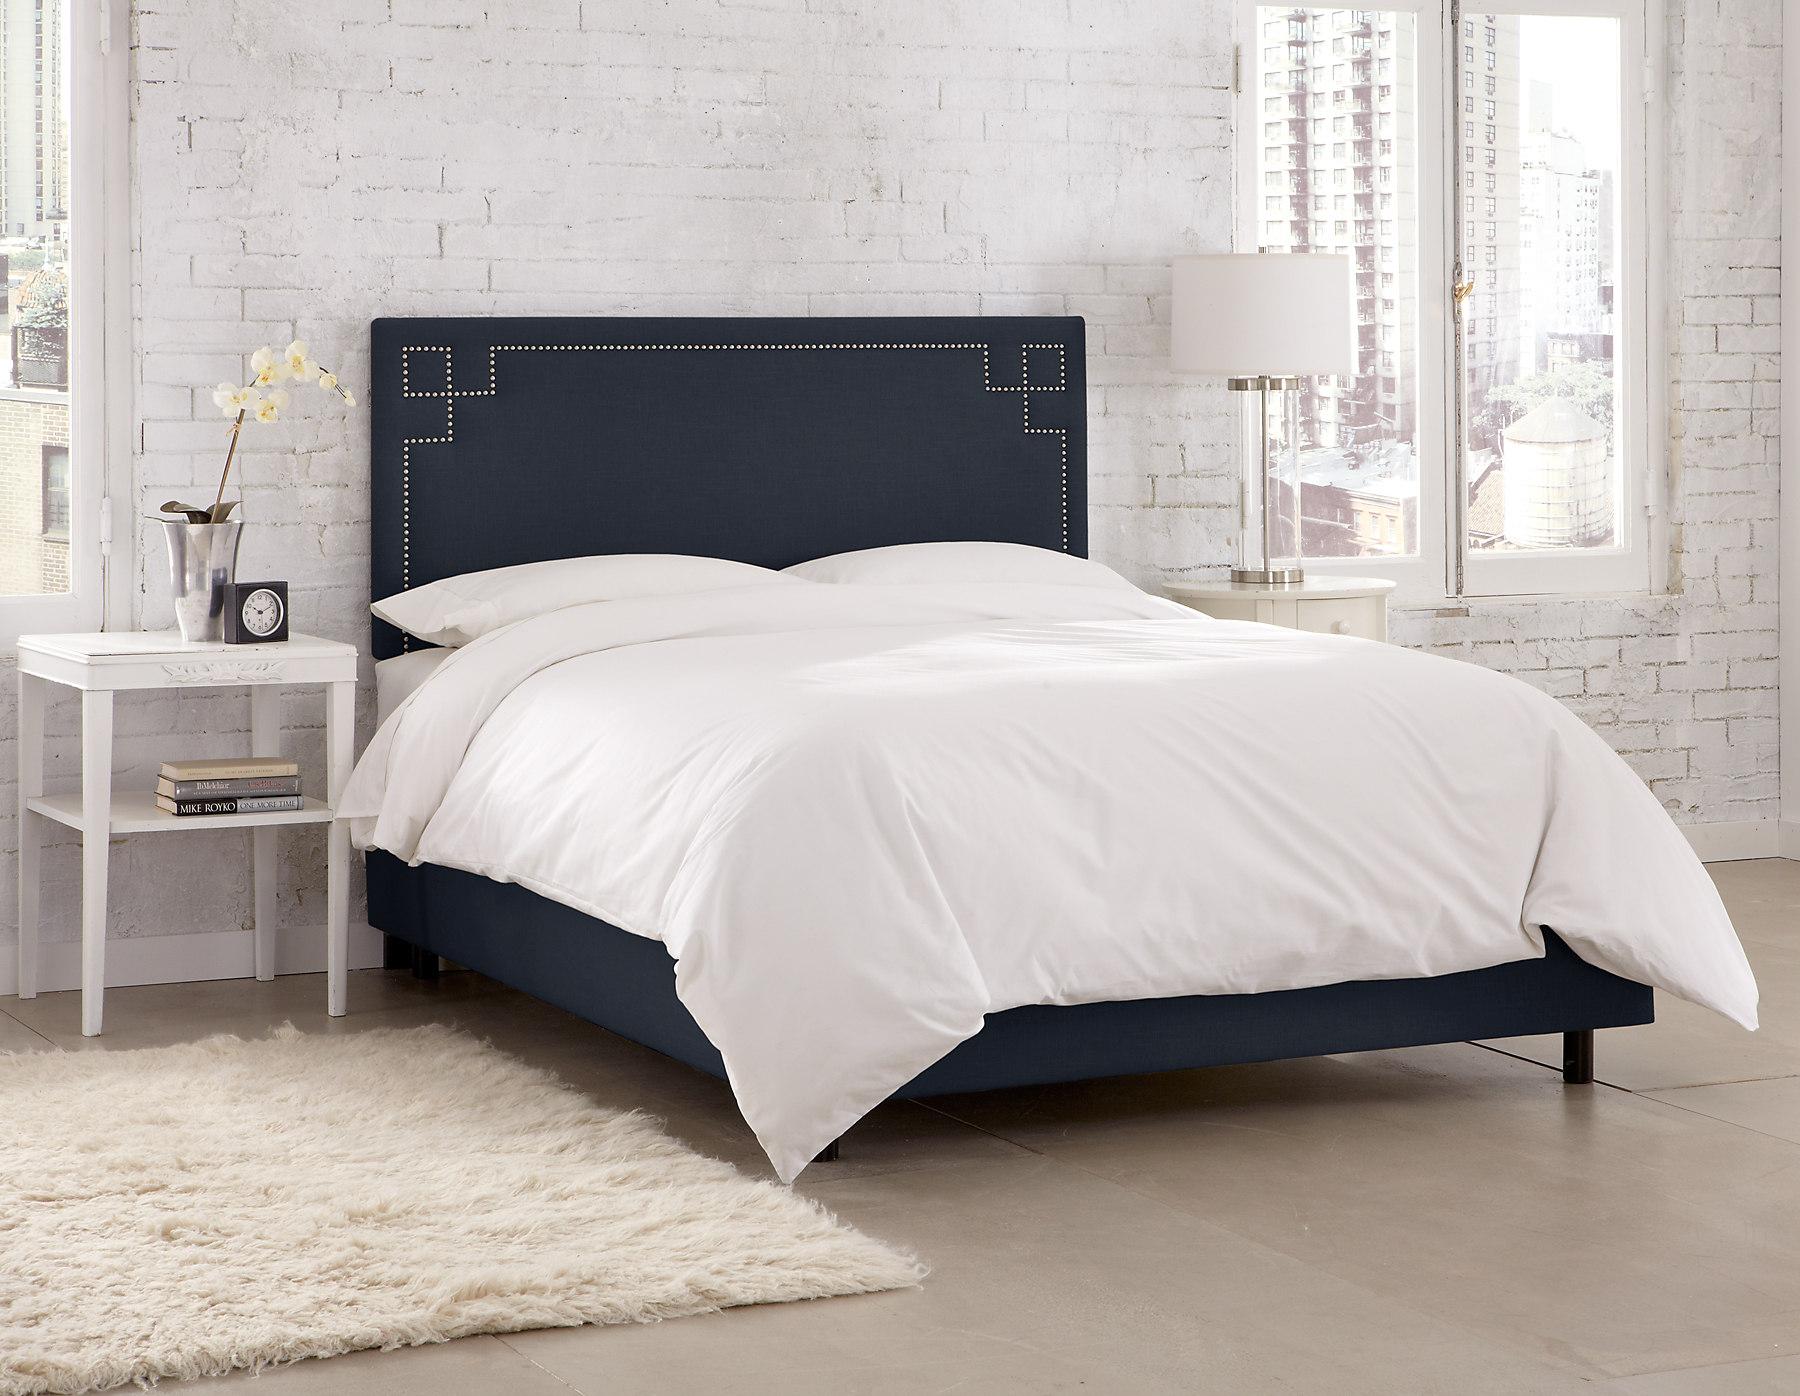 Кровать Aiden BedКровати с мягким изголовьем<br>&amp;lt;div&amp;gt;Торжество геометрического дизайна! Четкие строгие линии и спинка с затейливым узором: эту кровать, будто оригами,  хочется рассматривать все дольше и дольше. Ножки сделаны из прочного массива, а на выбор у вас целых 200 цветовых решений.&amp;amp;nbsp;&amp;lt;br&amp;gt;&amp;lt;/div&amp;gt;&amp;lt;div&amp;gt;&amp;lt;div&amp;gt;&amp;lt;br&amp;gt;&amp;lt;/div&amp;gt;&amp;lt;div&amp;gt;Дополнительные возможности:<br>Подъемный механизм &amp;lt;br&amp;gt;<br>Размеры спального места:&amp;amp;nbsp;&amp;lt;div&amp;gt;140*200&amp;amp;nbsp;&amp;lt;/div&amp;gt;&amp;lt;div&amp;gt;160*200&amp;amp;nbsp;&amp;amp;nbsp;&amp;lt;/div&amp;gt;&amp;lt;div&amp;gt;180*200 - представлено&amp;lt;/div&amp;gt;&amp;lt;div&amp;gt;200*200&amp;amp;nbsp;&amp;lt;/div&amp;gt;&amp;lt;div&amp;gt;&amp;lt;br&amp;gt;&amp;lt;/div&amp;gt;&amp;lt;/div&amp;gt;&amp;lt;/div&amp;gt;<br><br>Material: Текстиль<br>Ширина см: 190.0<br>Высота см: 130.0<br>Глубина см: 212.0